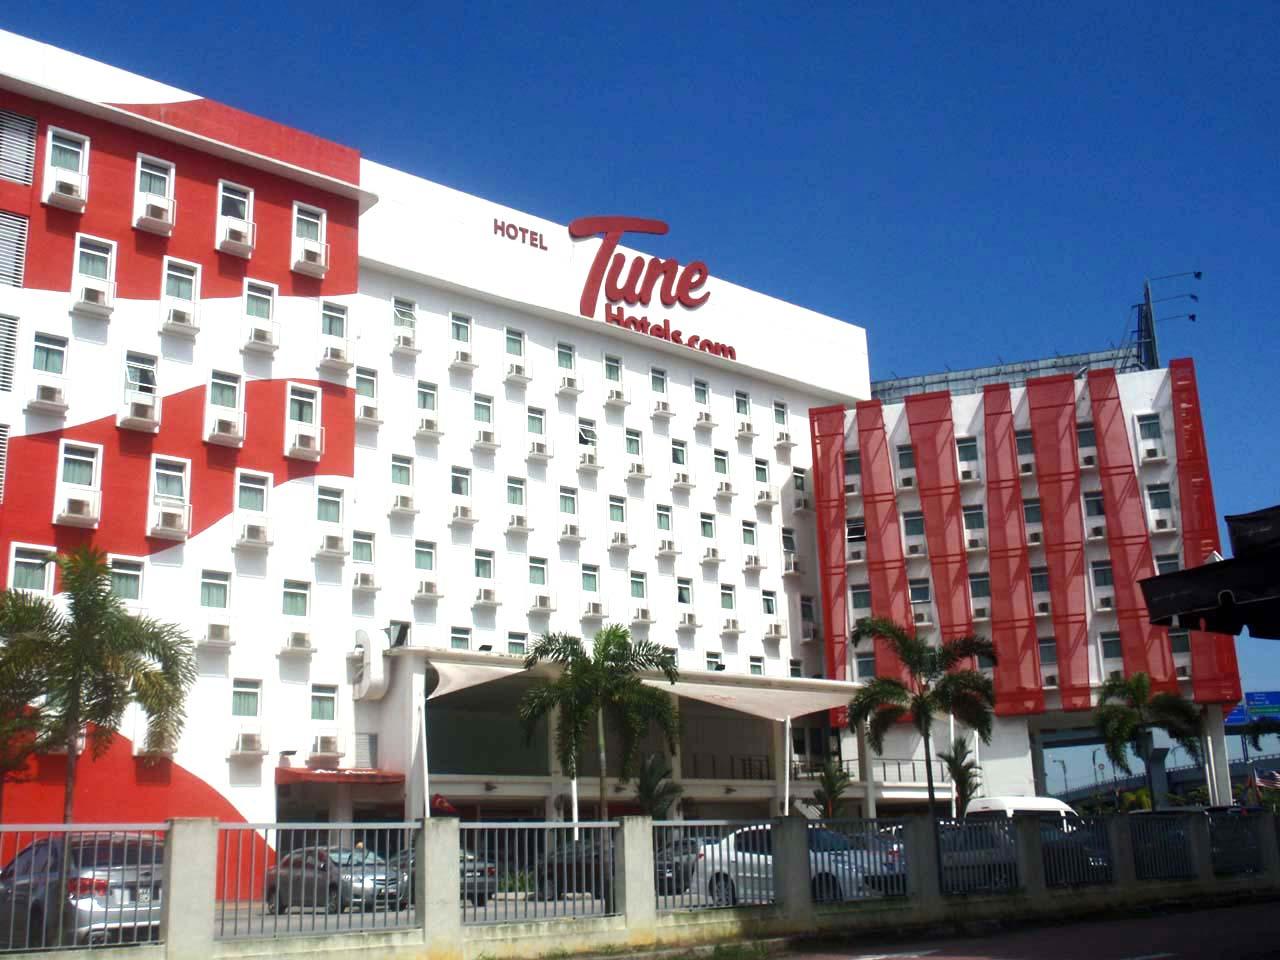 Service Apartment Facade Rent An Apartmentvilla Or Serviced